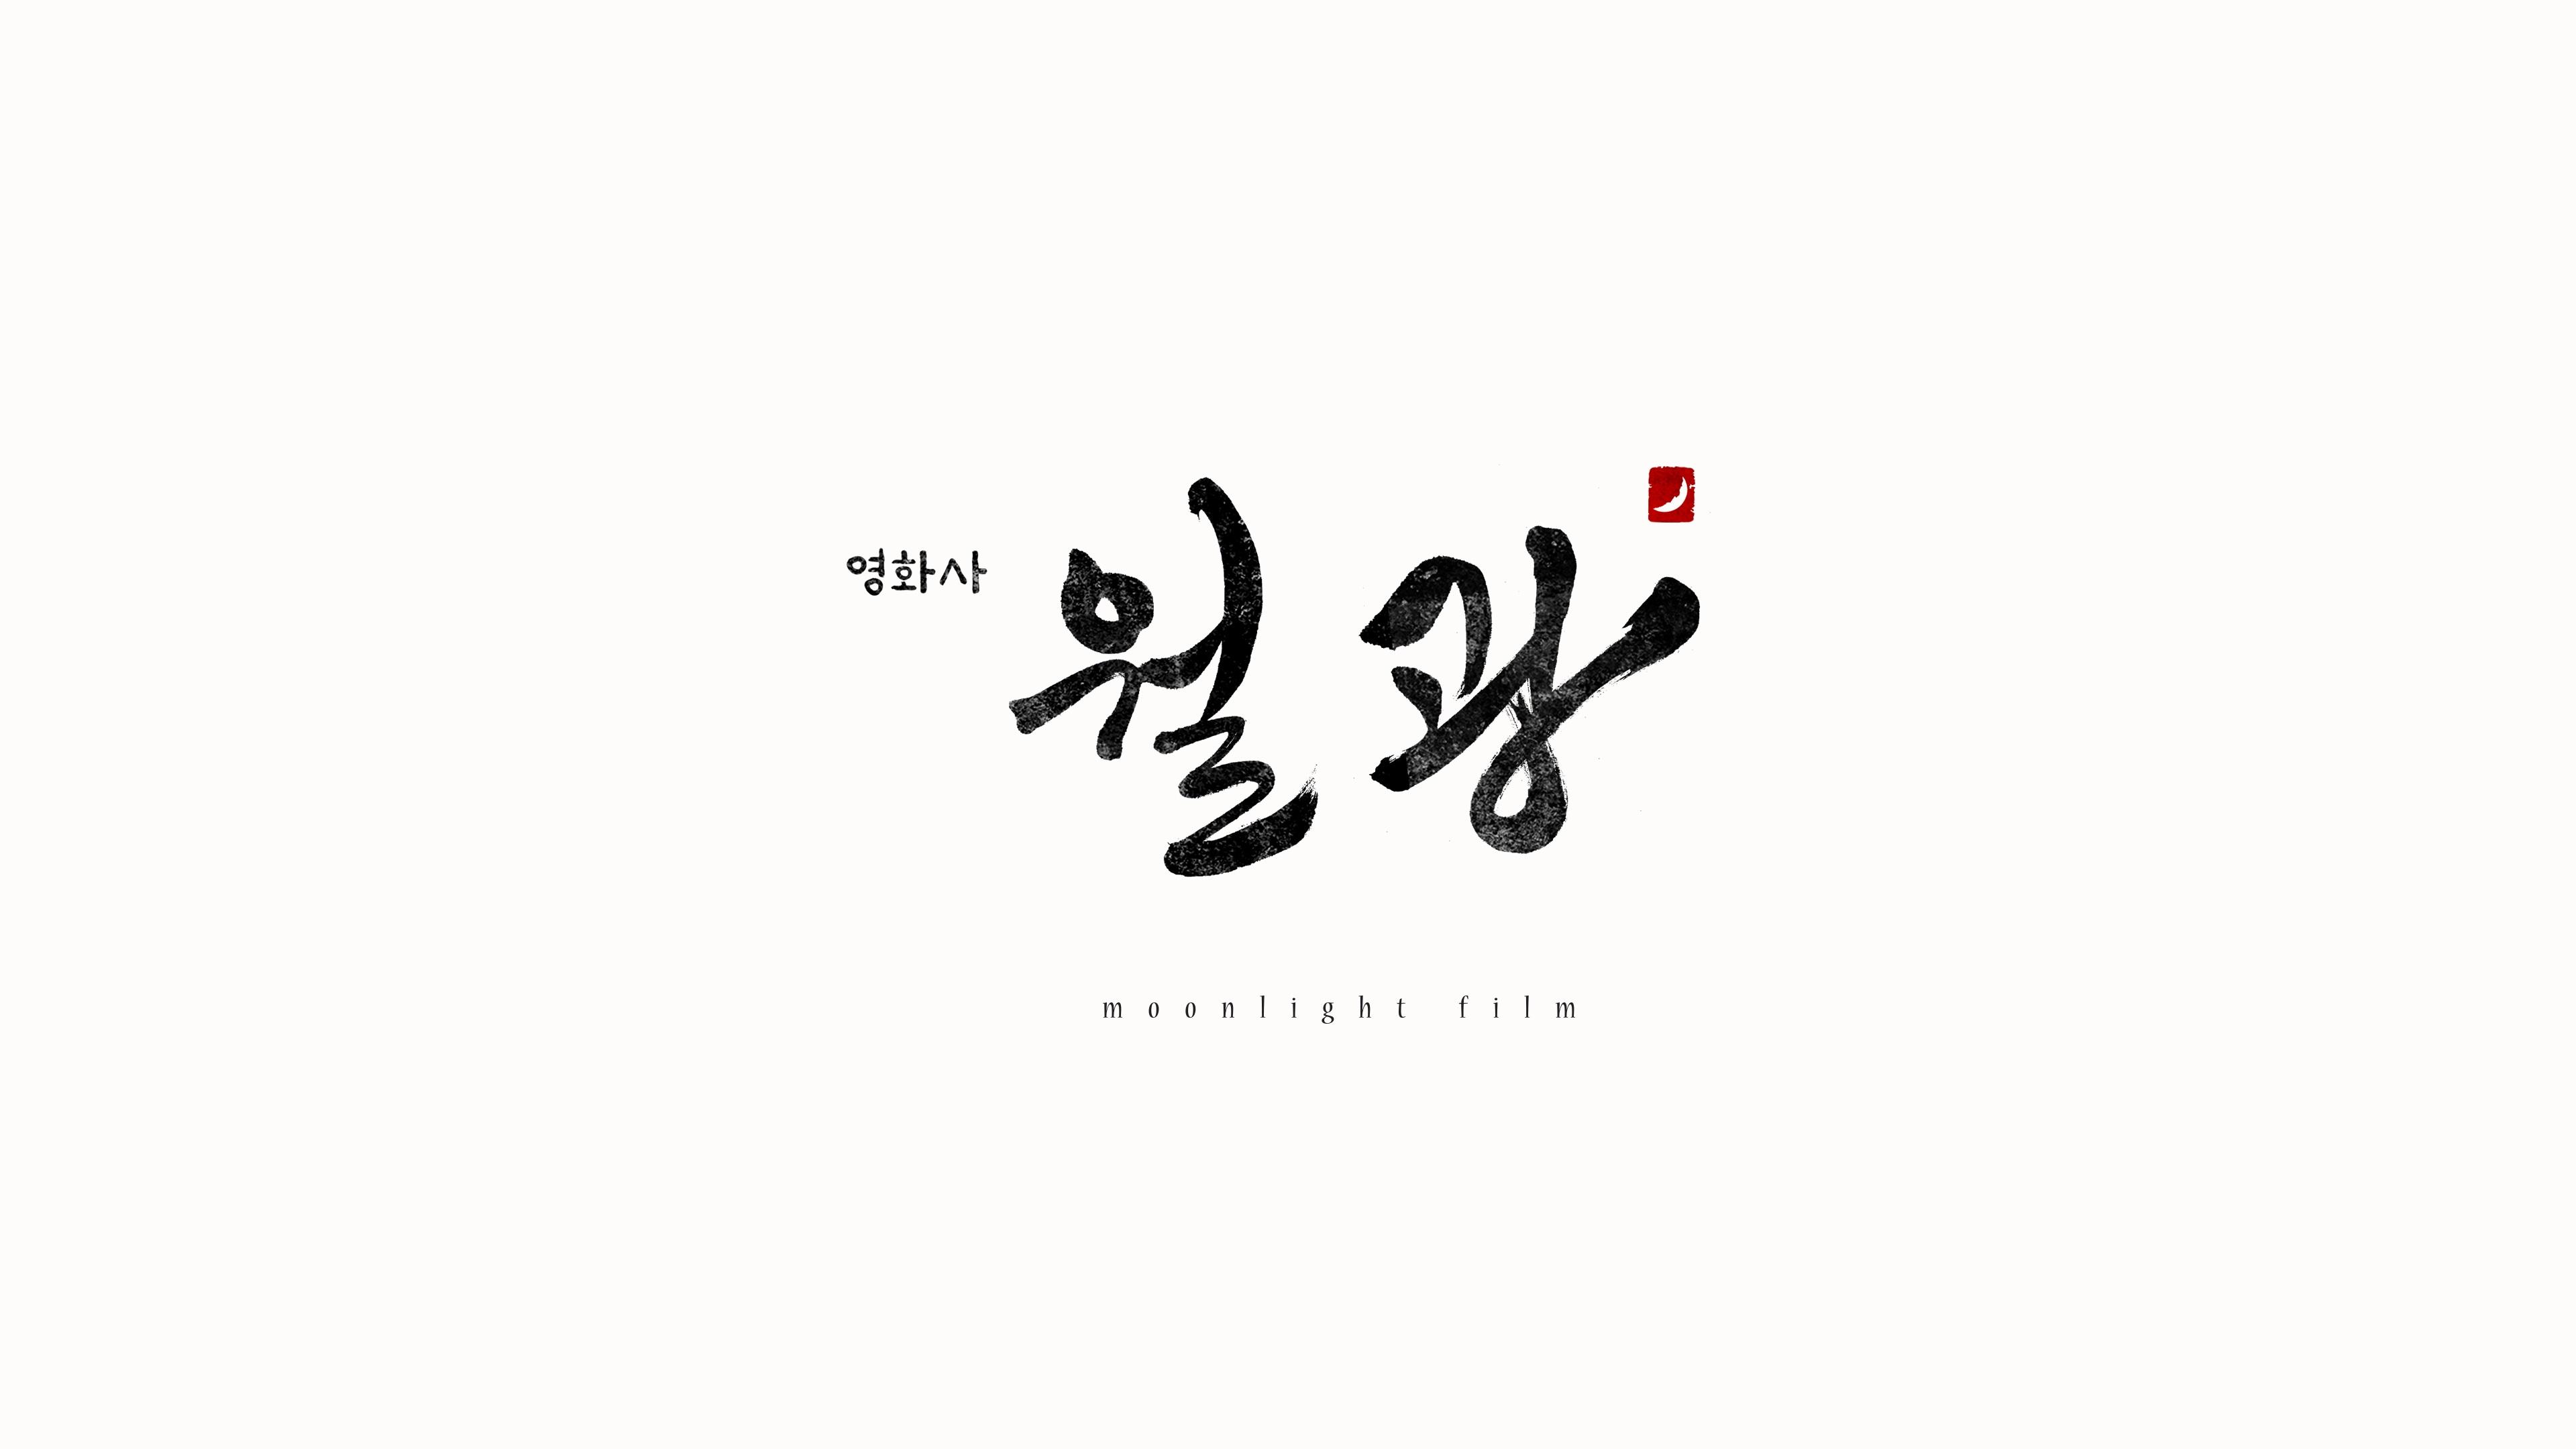 카카오의 계열사 (주)영화사월광의 로고